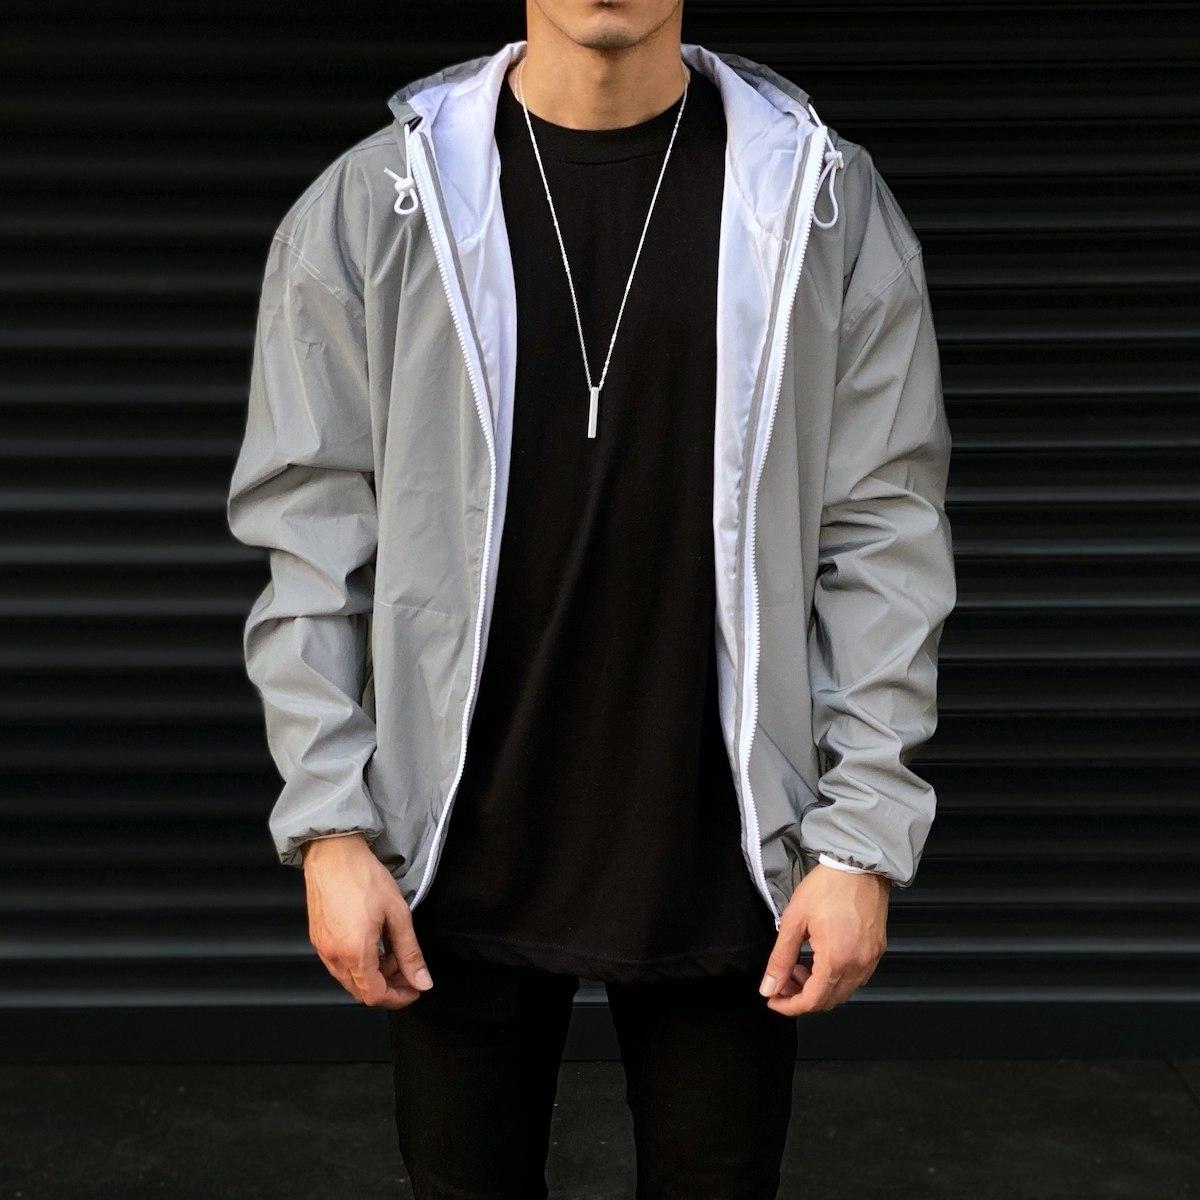 Men's Reflector Raincoat With Hoodie In Gray